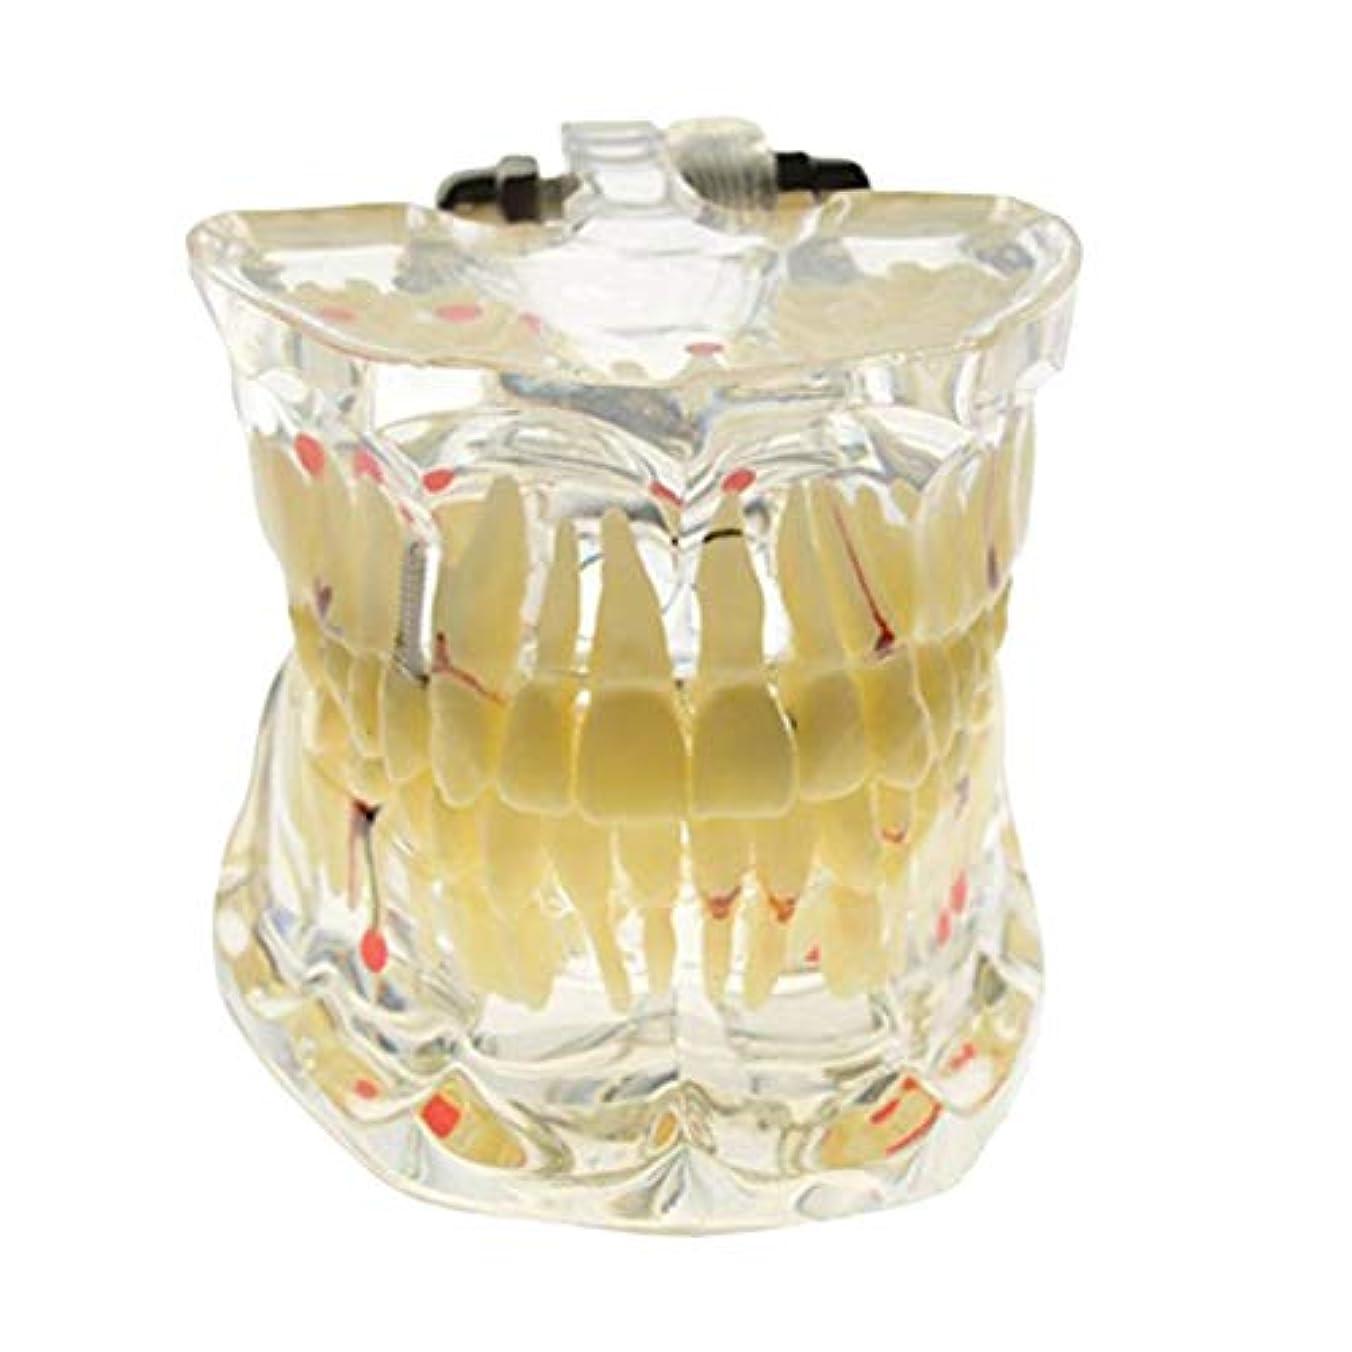 そばに活性化する株式会社HEALIFTY 脱着可能な口腔モデル着脱可能な歯科インプラント歯モデル歯ティーチングモデル